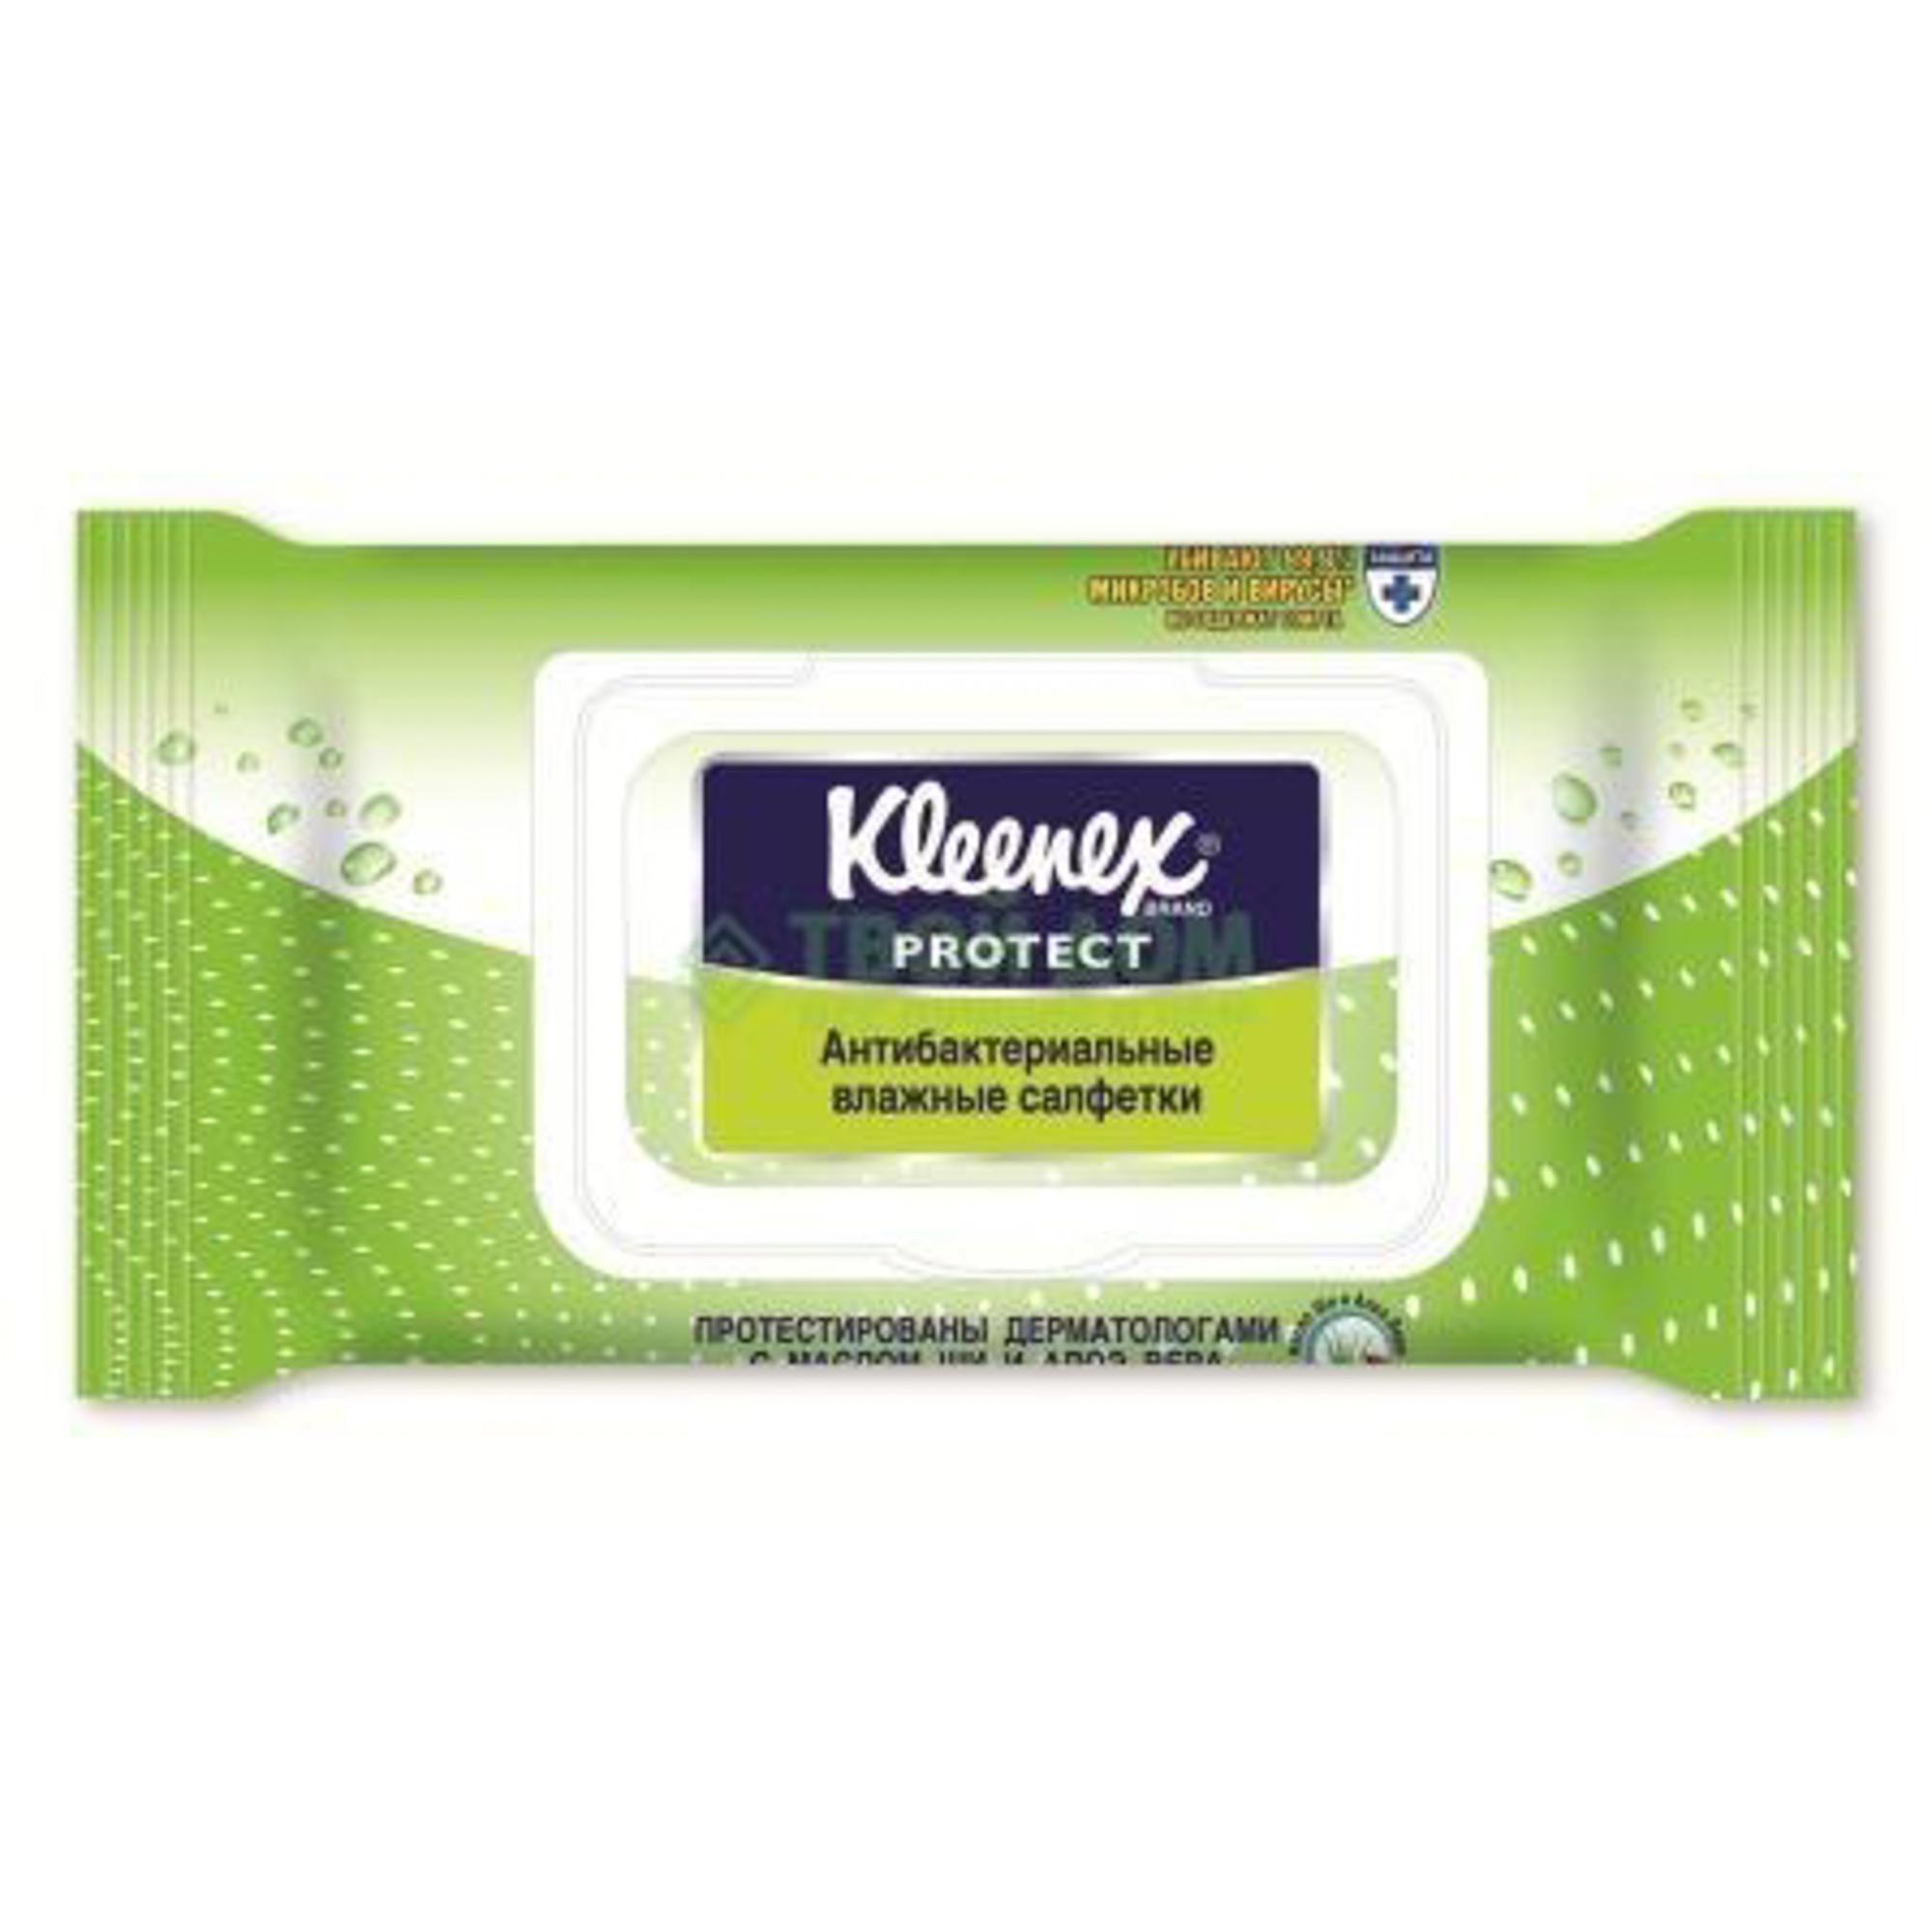 Купить Салфетки Kleenex Влажные Protect антибактериальные (с крышкой) (9440100), Корея, полиэстер, Средства по уходу за телом и за кожей лица для детей